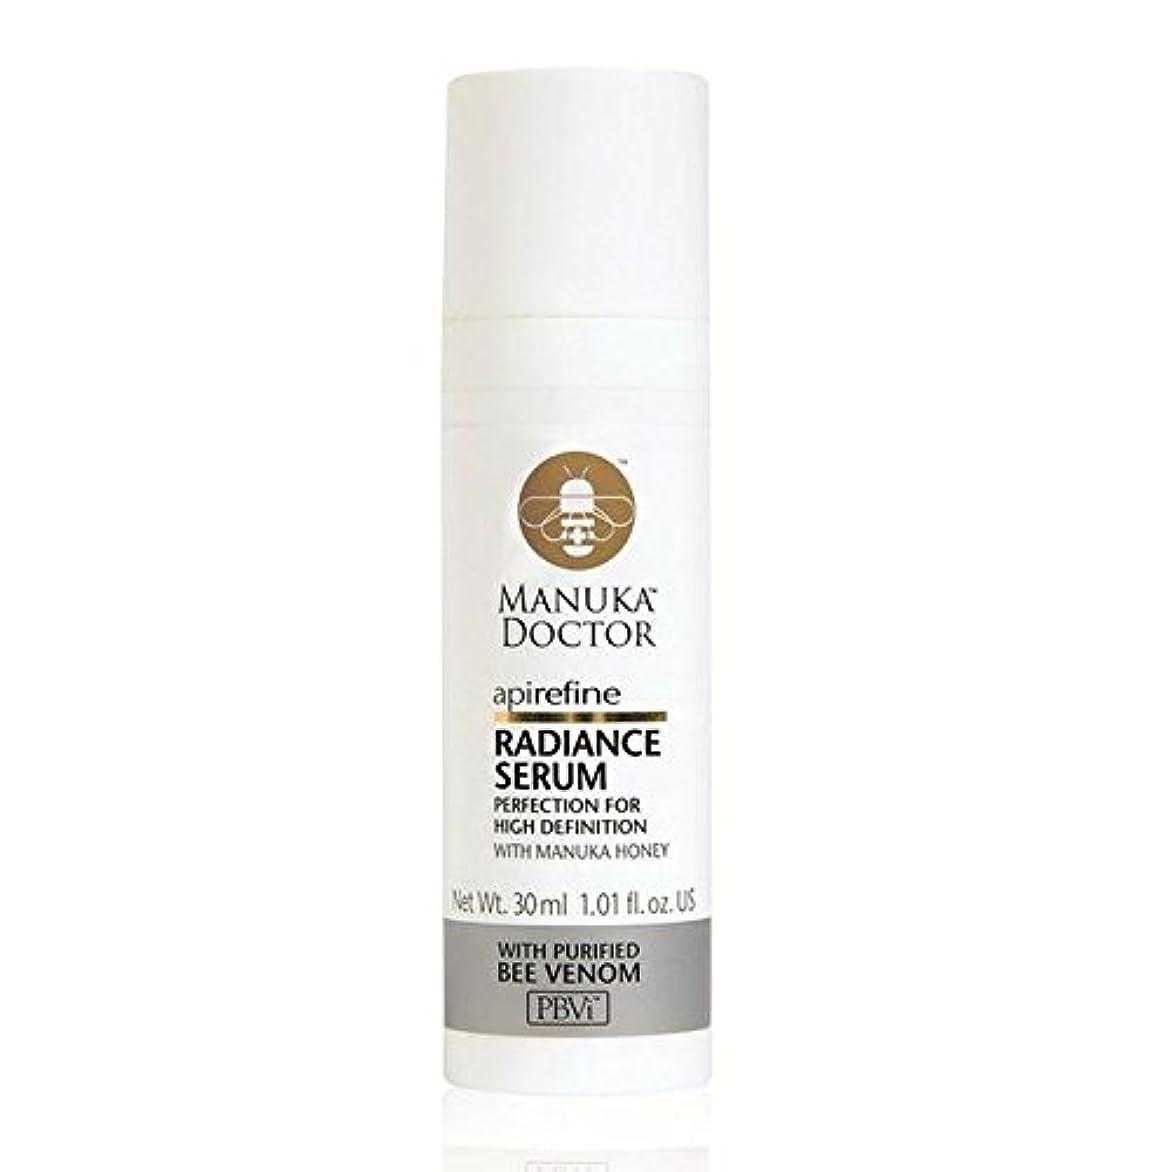 外交タンパク質羊のManuka Doctor Api Refine Radiance Serum 30ml (Pack of 6) - マヌカドクター絞り込み放射輝度セラム30 x6 [並行輸入品]